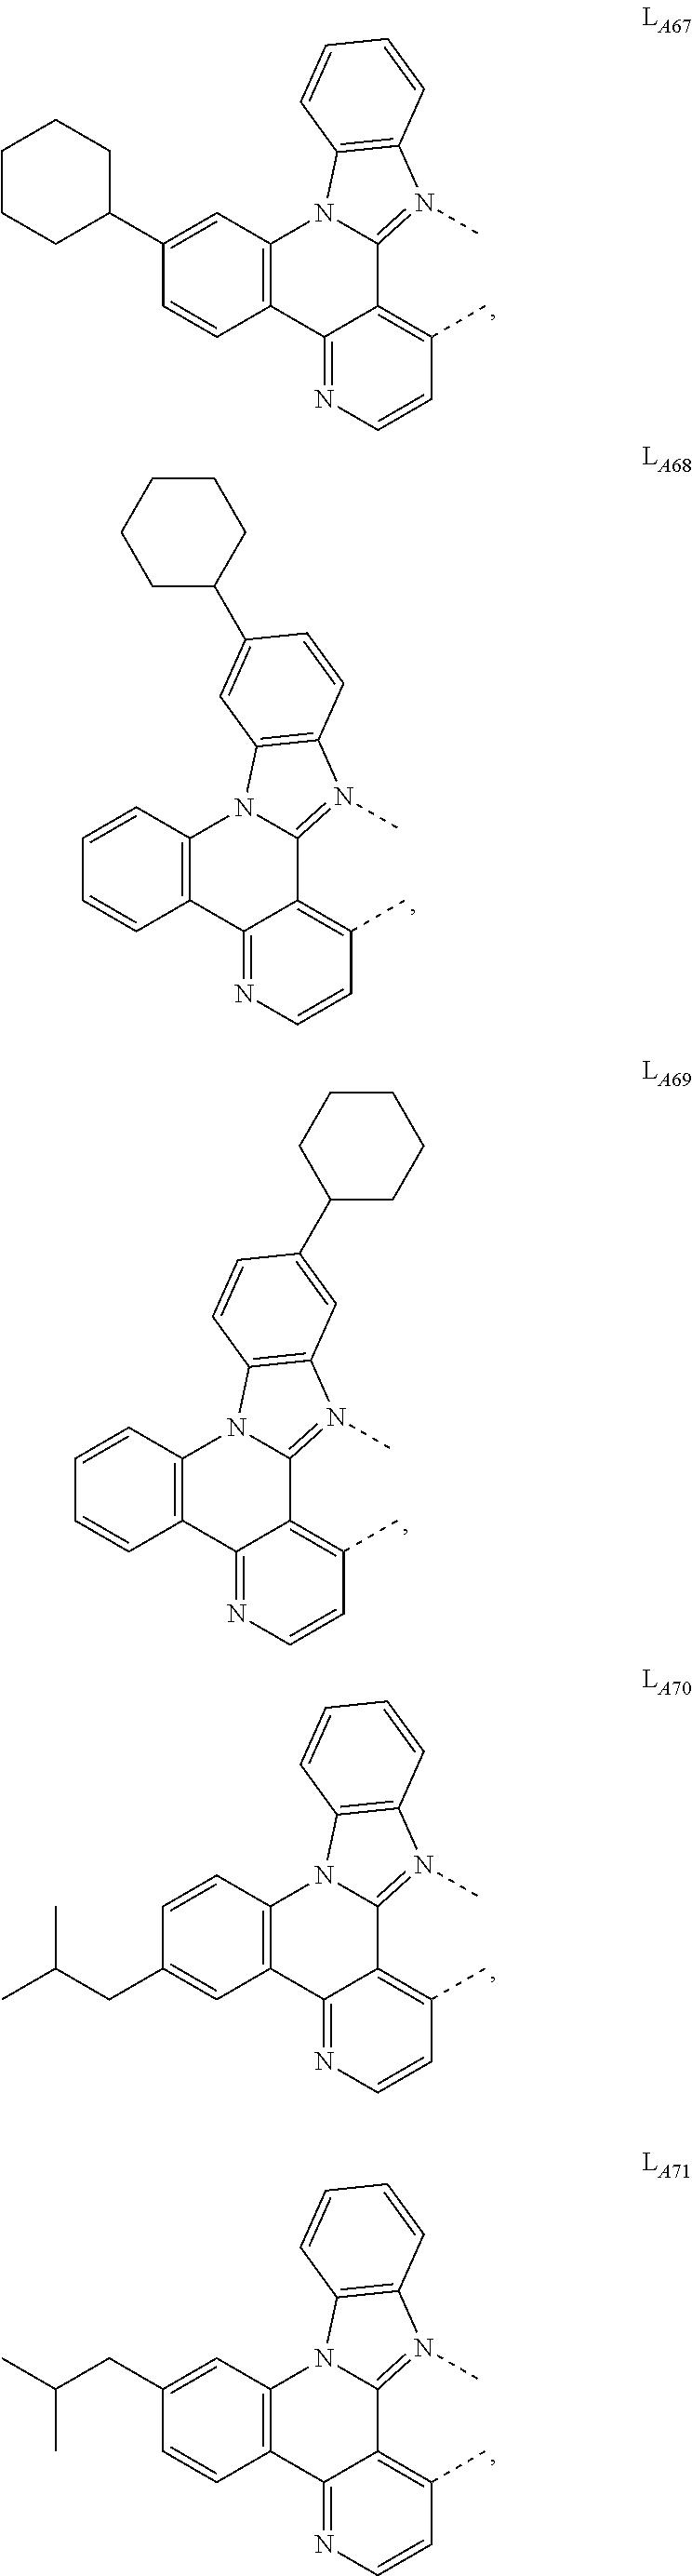 Figure US09905785-20180227-C00439